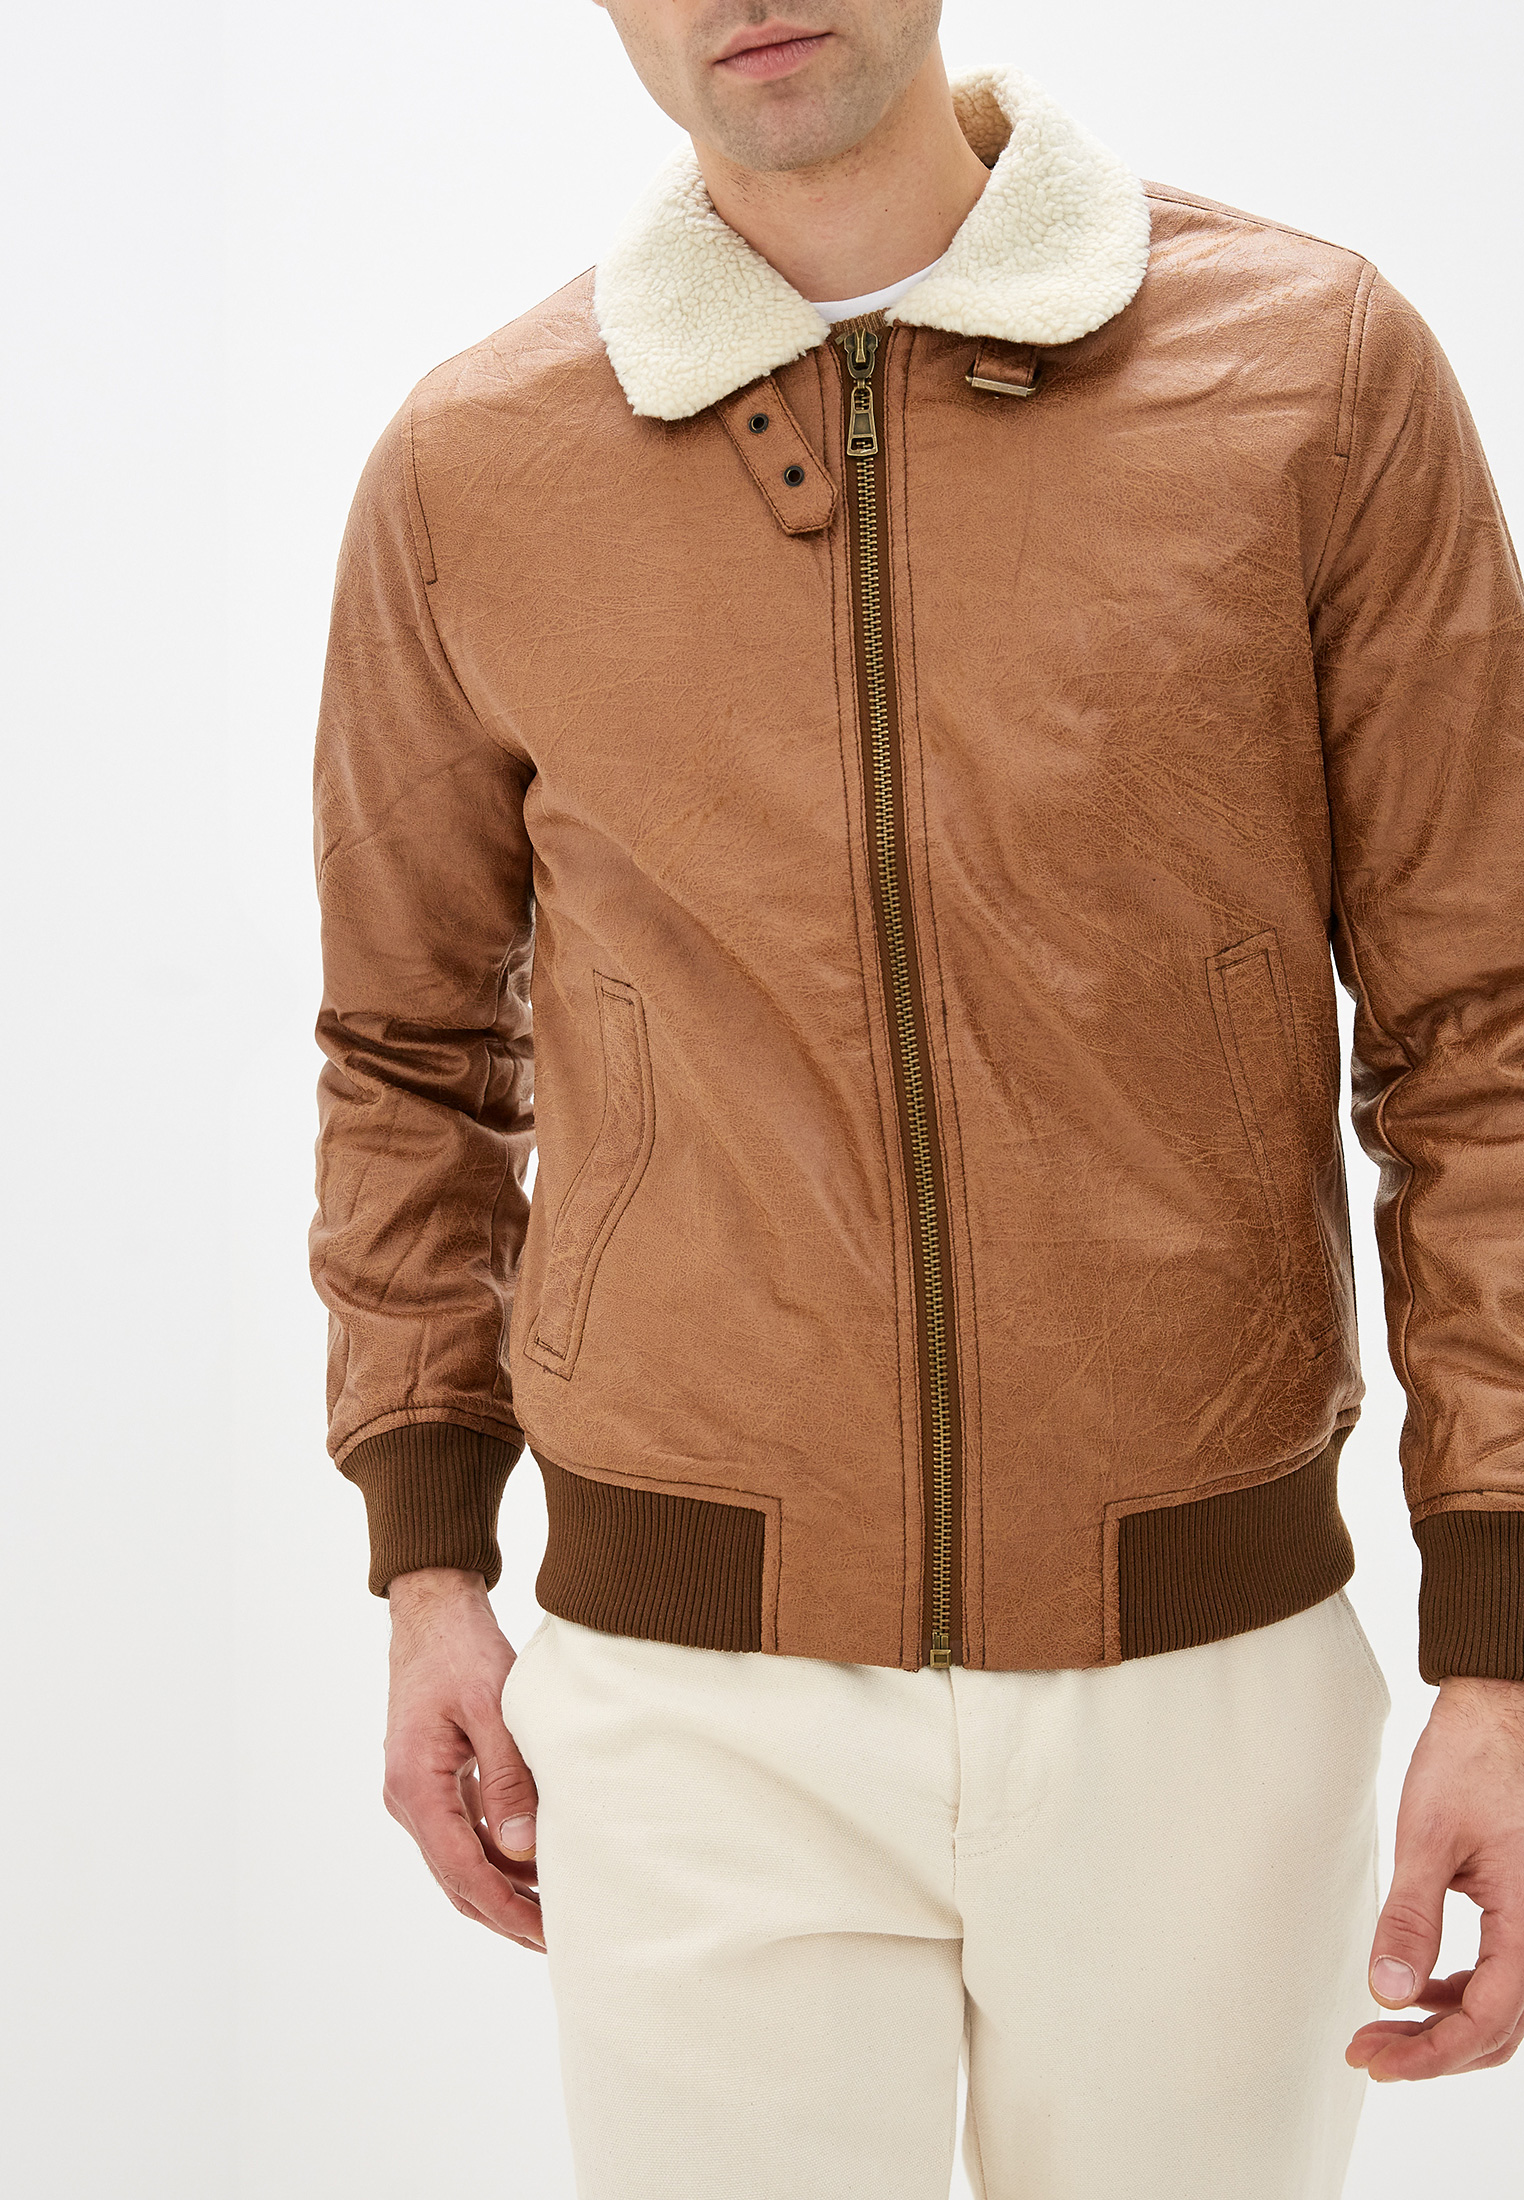 Куртка кожаная, Tony Backer, цвет: коричневый. Артикул: TO043EMHDSC3. Одежда / Верхняя одежда / Кожаные куртки